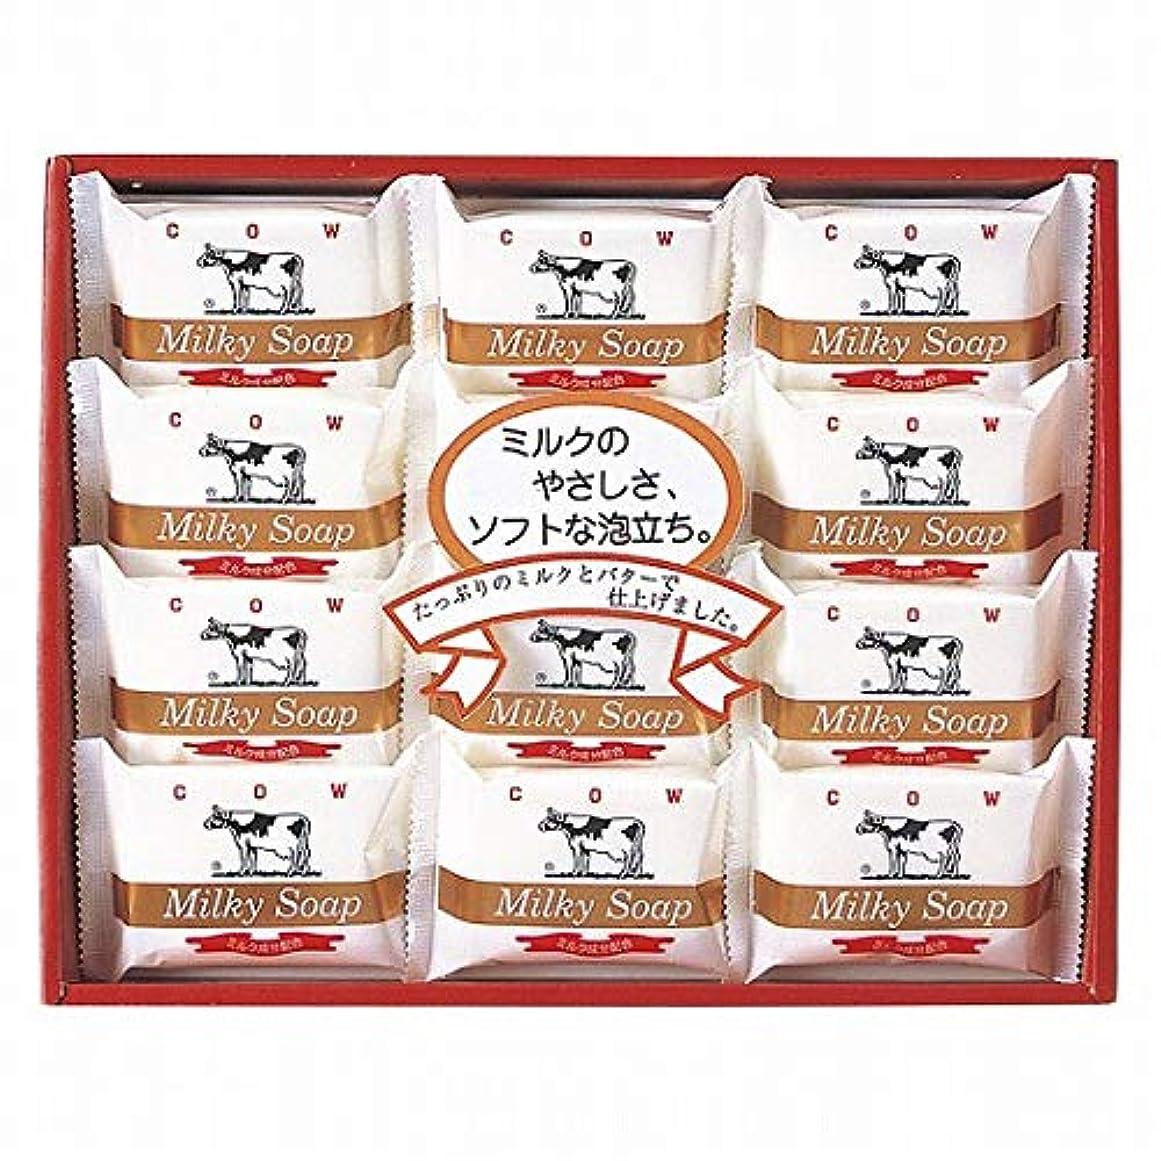 オーナメントアブストラクト部屋を掃除する牛乳石鹸 ゴールドソープセット